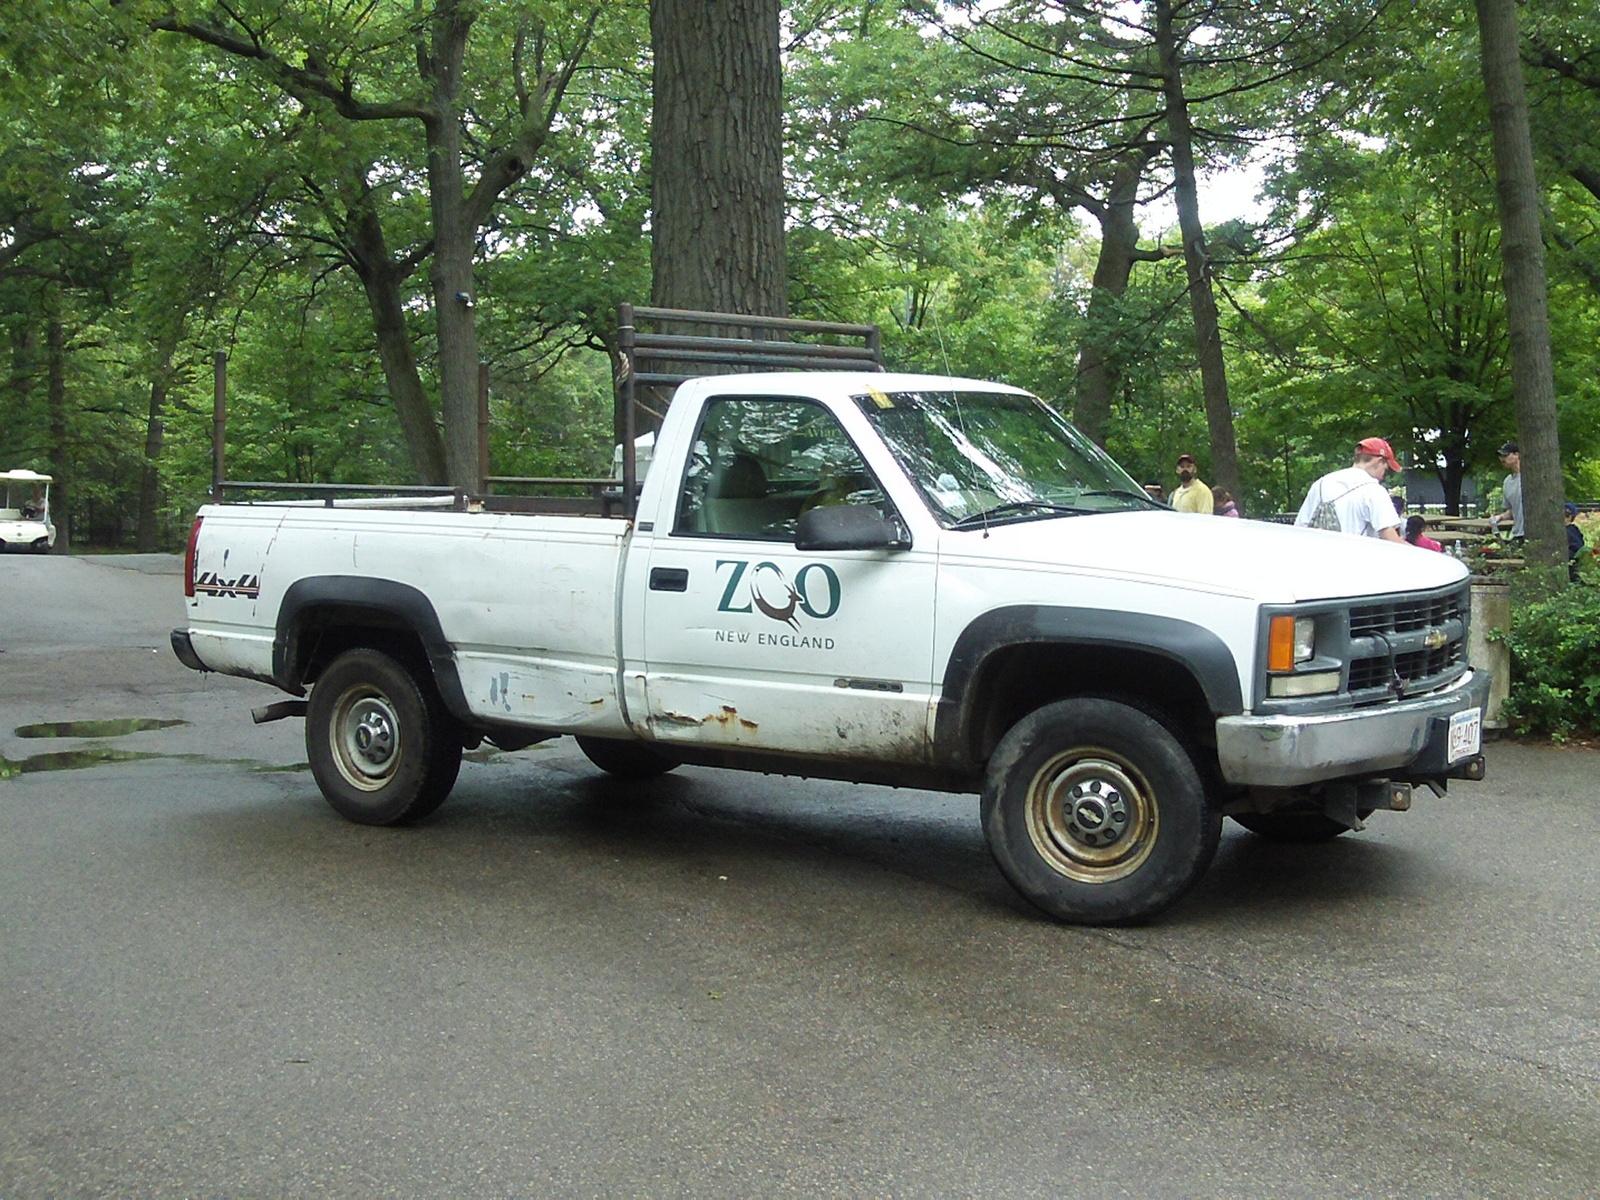 Gh 1435 Chevrolet Silverado 1995 Chevrolet Silverado Need A Wiring Download Diagram